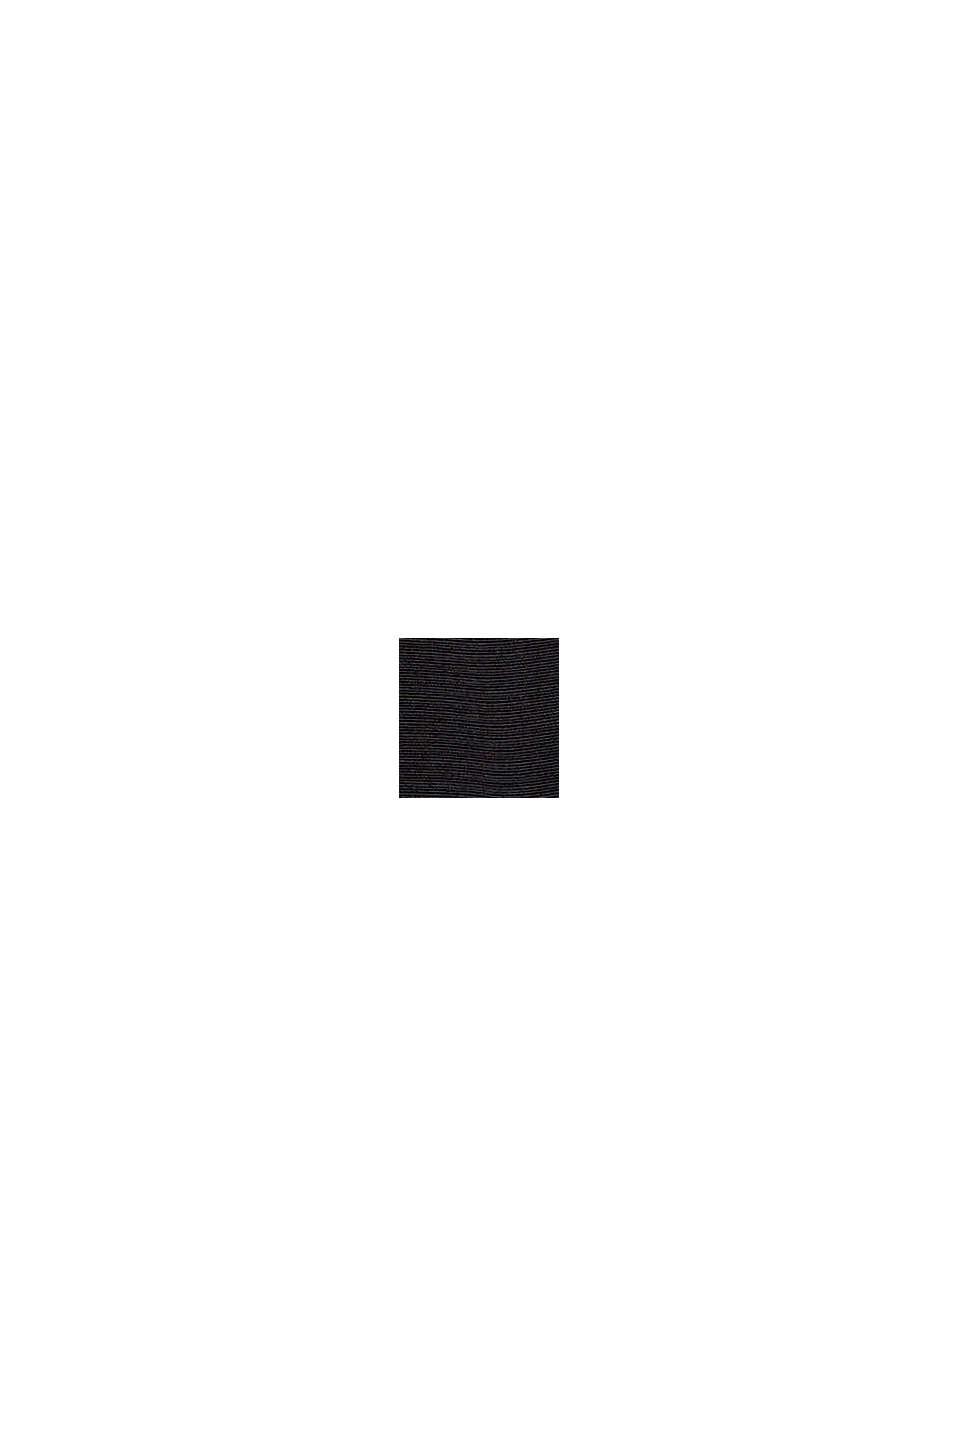 Bluse mit Rüschen, CIRCULOSE®, BLACK, swatch